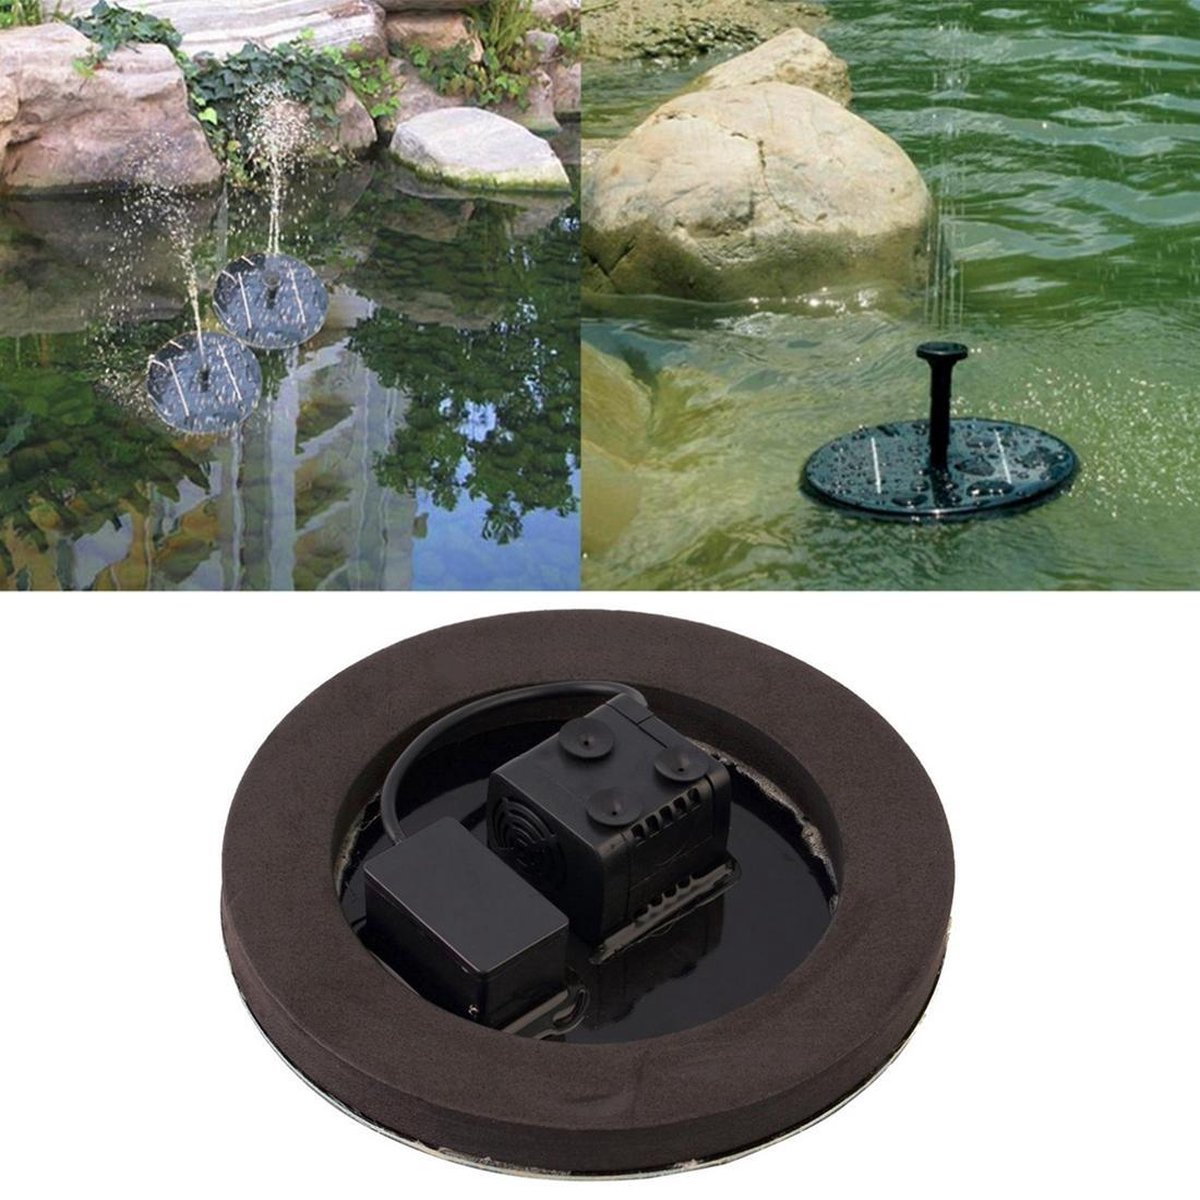 Let op type!! Zonne-aangedreven watertuin pomp fontein zwevend deelvenster drenken vijver Kit voor watervallen Display waterpark zwembad decoratie fontein Diameter: 16cm